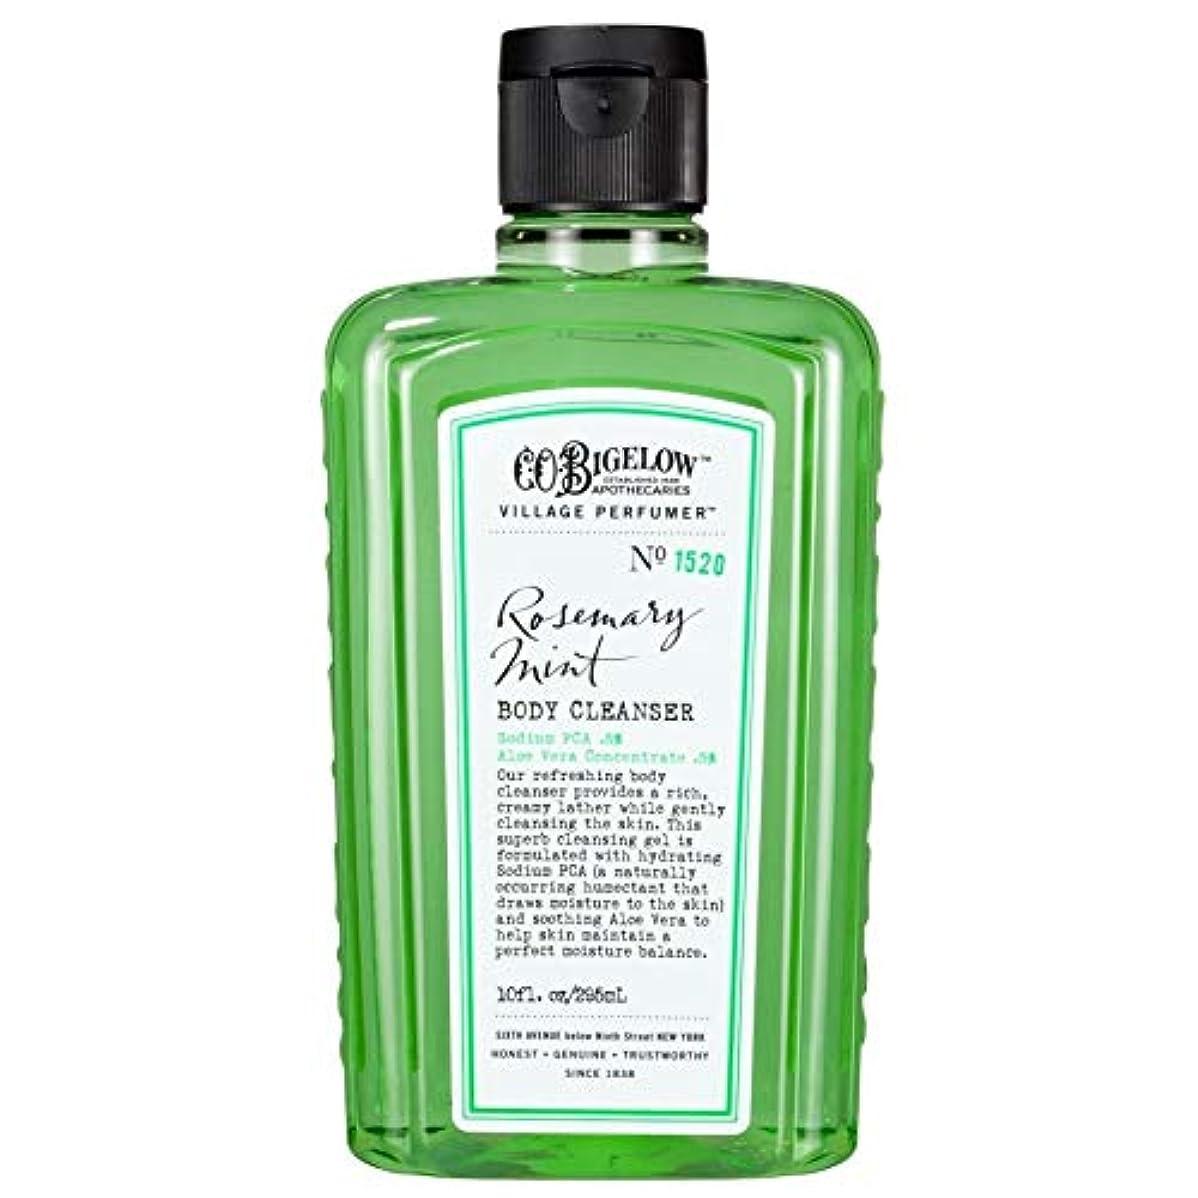 キャリア倫理的スロベニア[C.O. Bigelow] C.O.ビゲローローズマリーミントボディクレンザー - C.O. Bigelow Rosemary Mint Body Cleanser [並行輸入品]